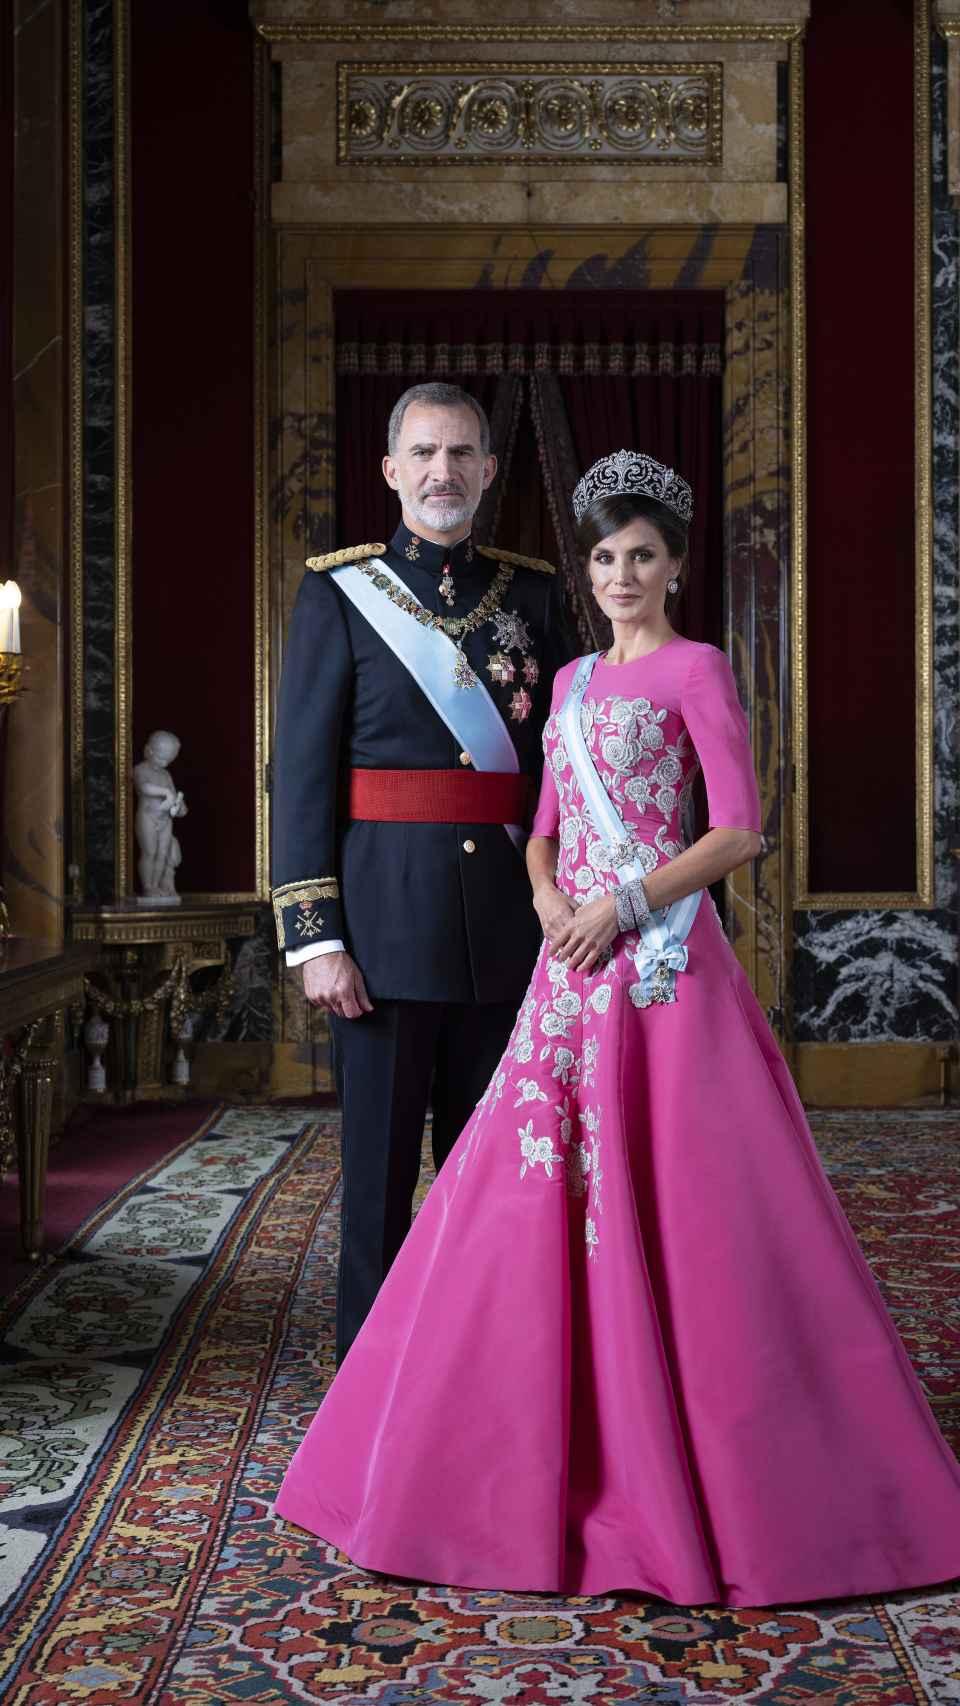 Felipe VI y Letizia, en un retrato oficial en el Palacio Real.